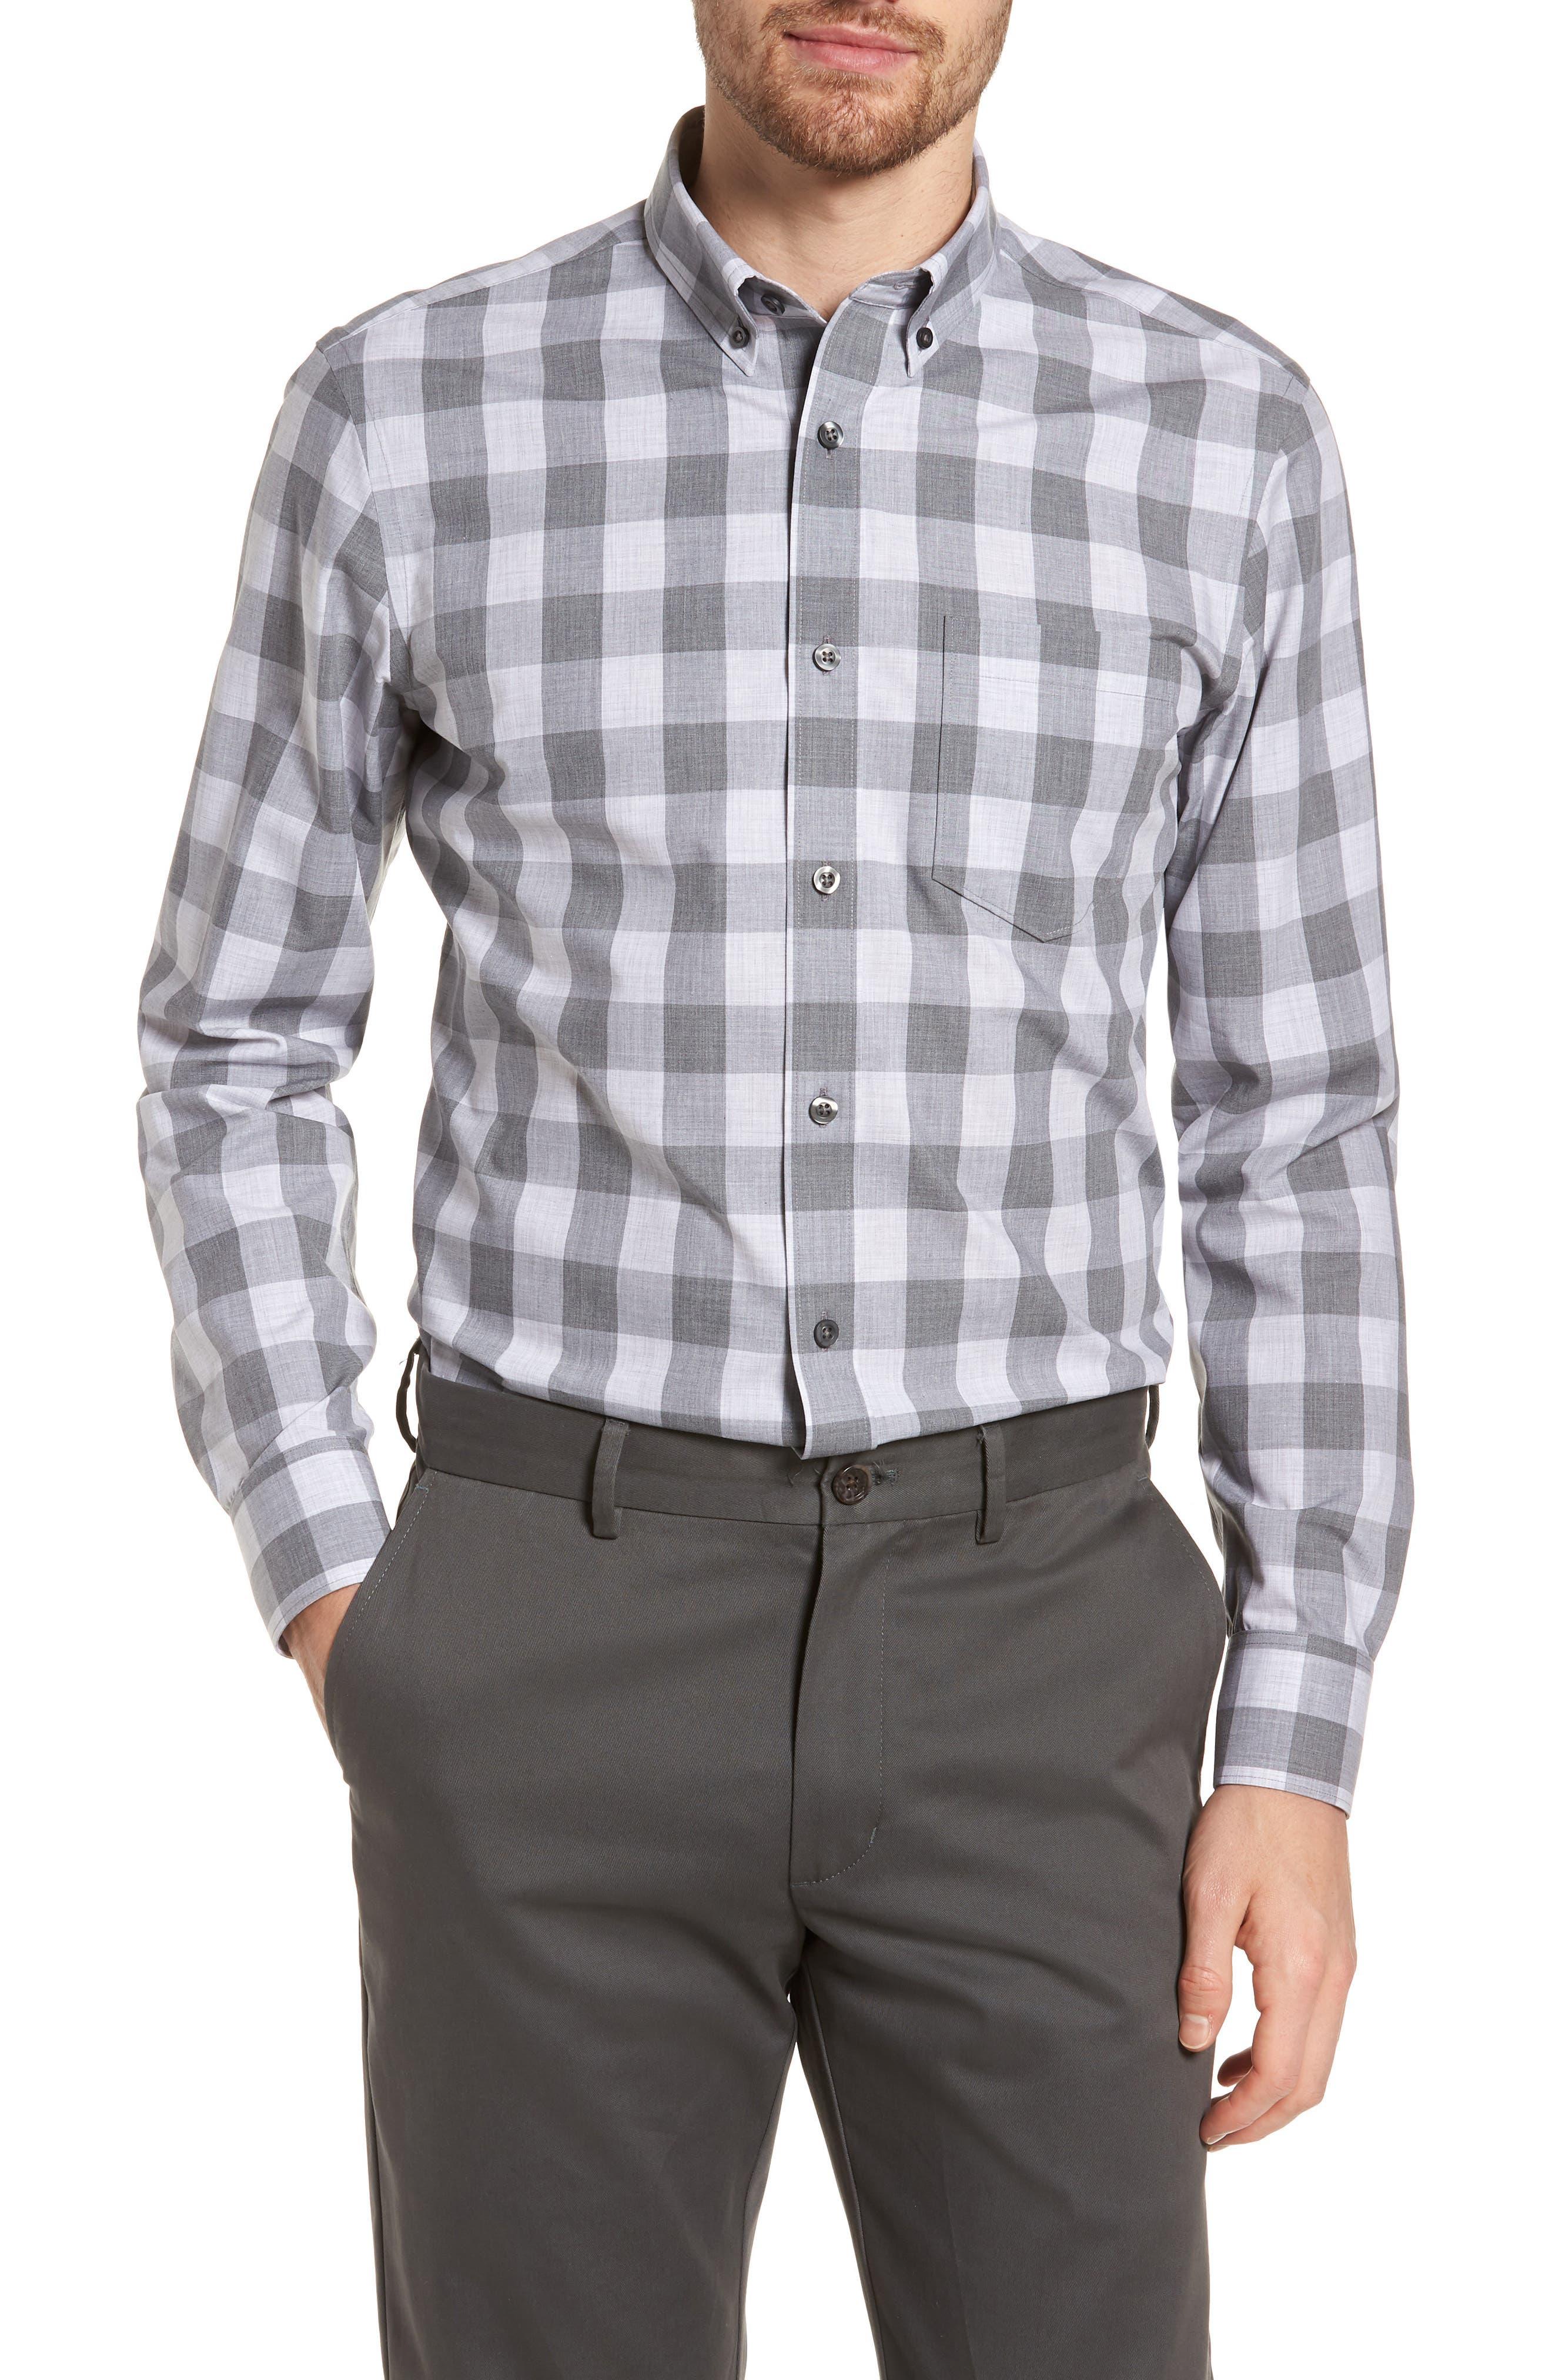 Trim Fit Check Sport Shirt,                             Main thumbnail 1, color,                             Grey Shade Buffalo